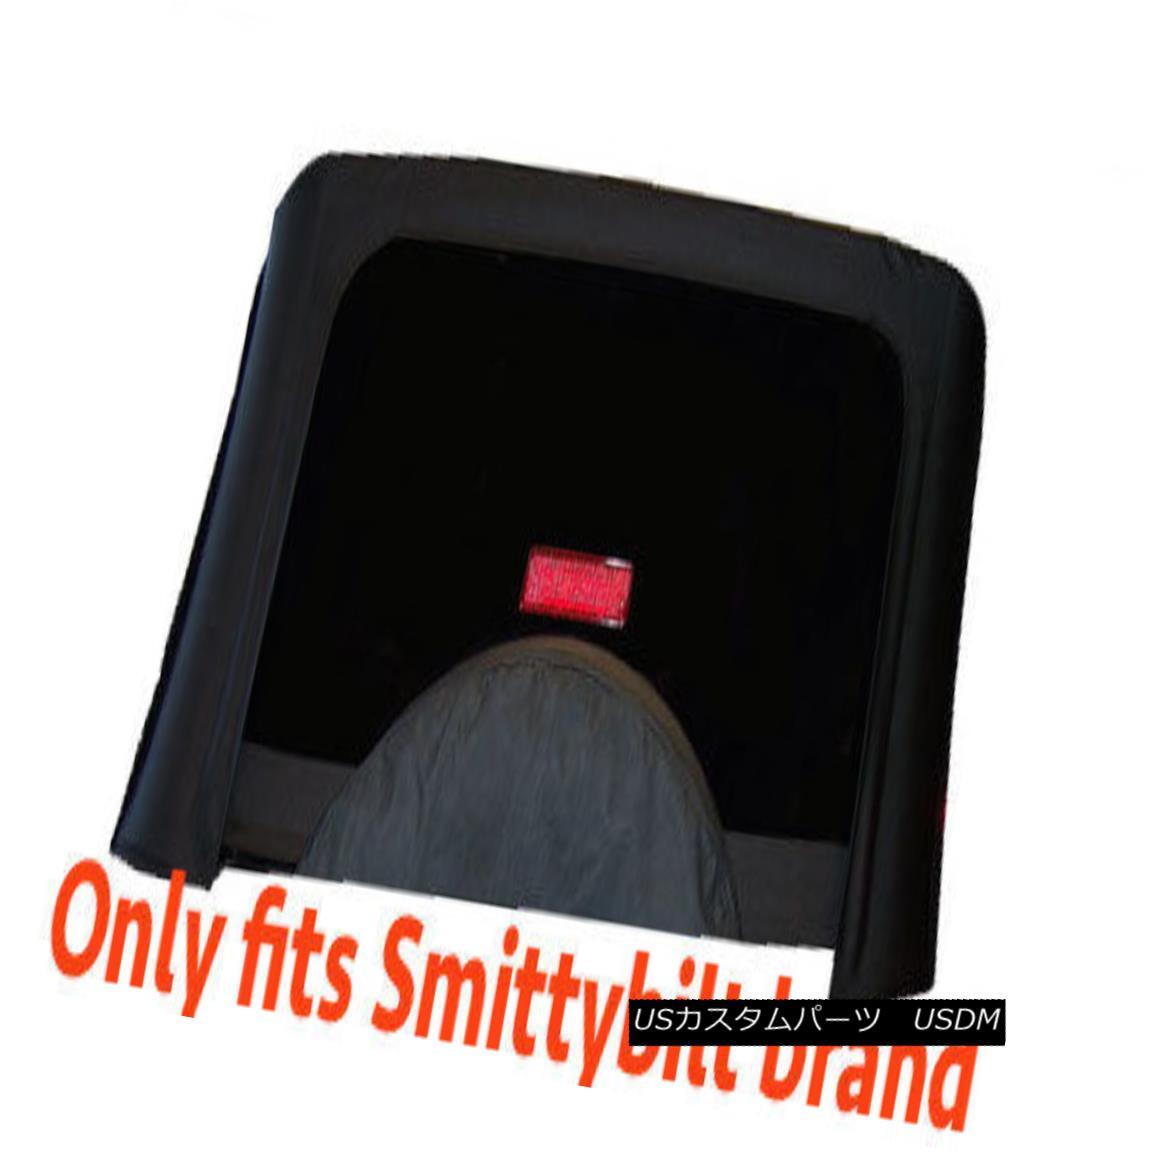 幌・ソフトトップ 1987-1995 Jeep Wrangler (only fits) Smittybilt Soft Top Rear Tinted Window Black 1987-1995ジープラングラー(ぴったりフィット)Smittybiltソフトトップリアティンティッドウィンドウブラック